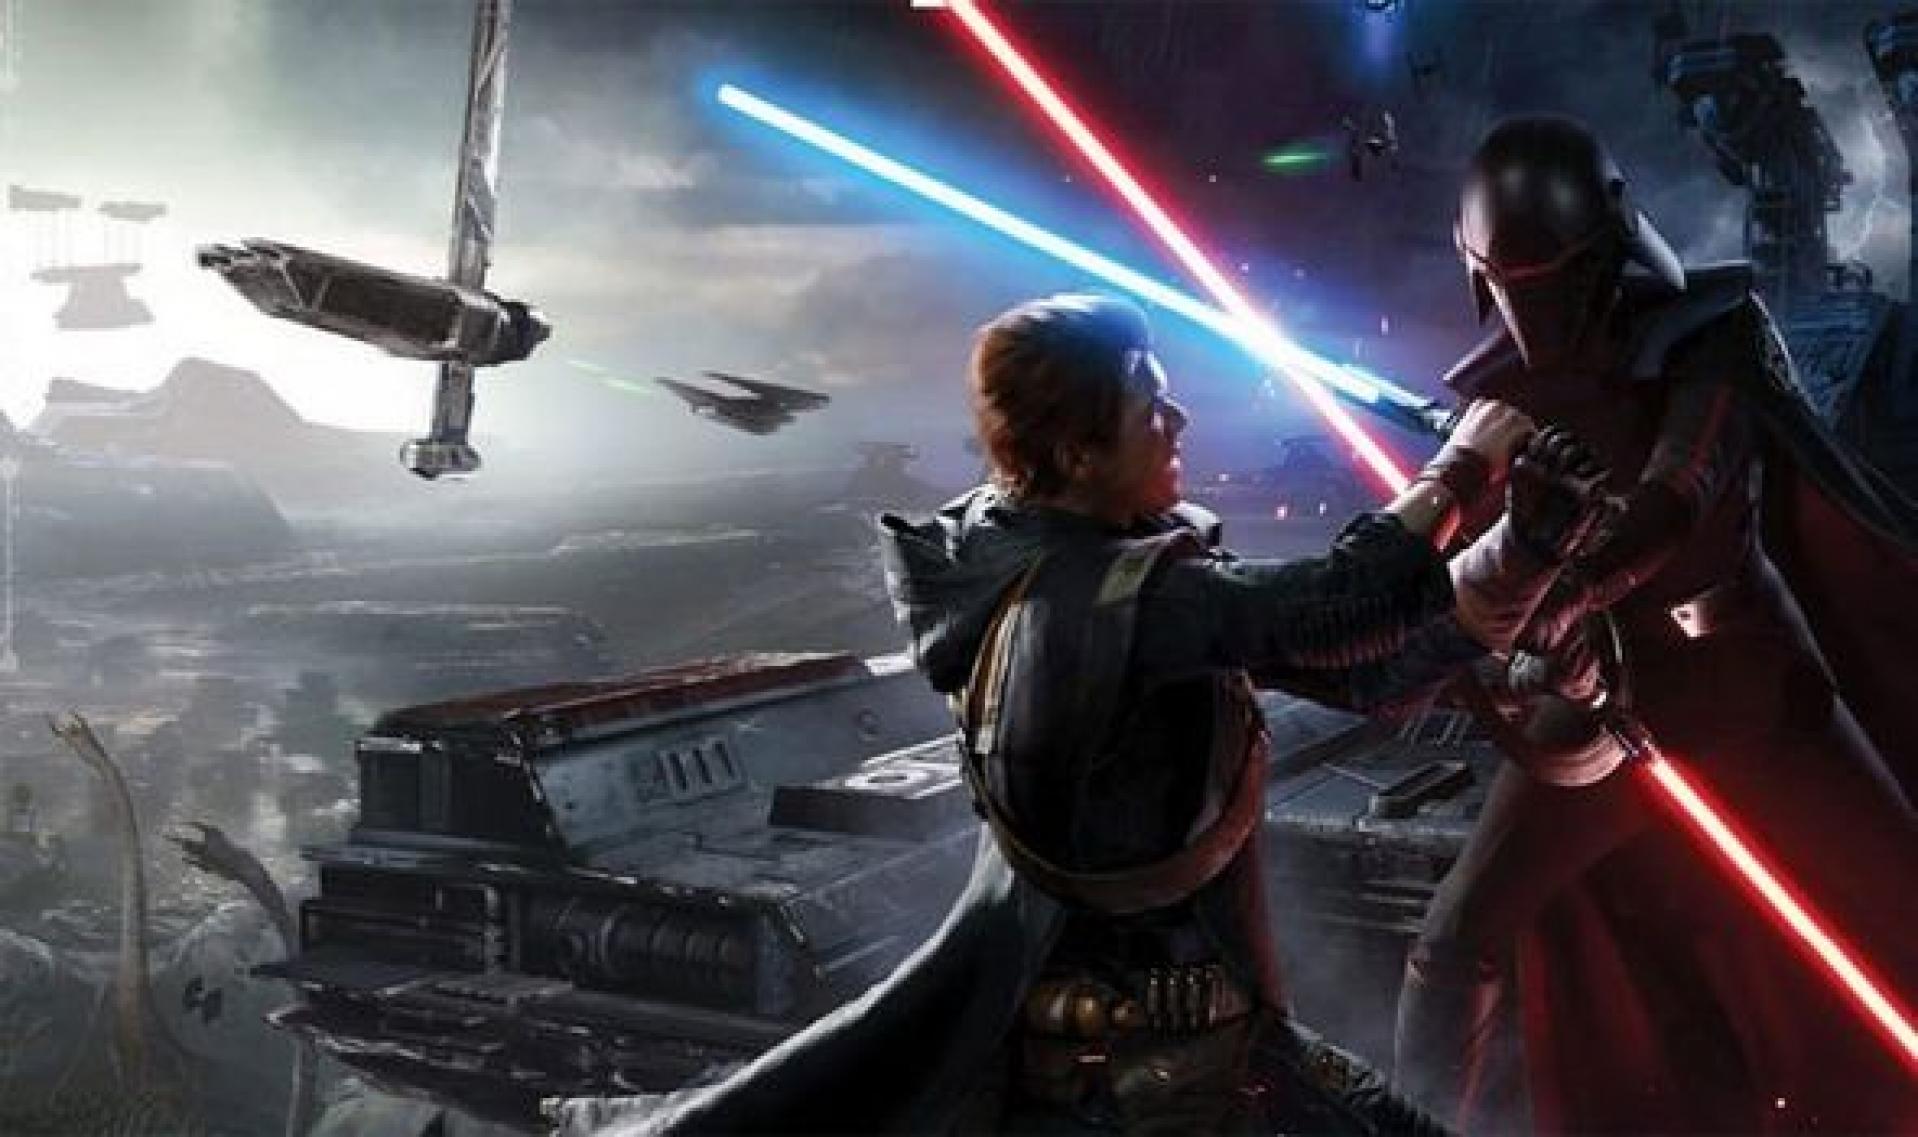 صحبتهای کارگردان عنوان Star Wars درباره ایراد زمانبندی عرضه بازی